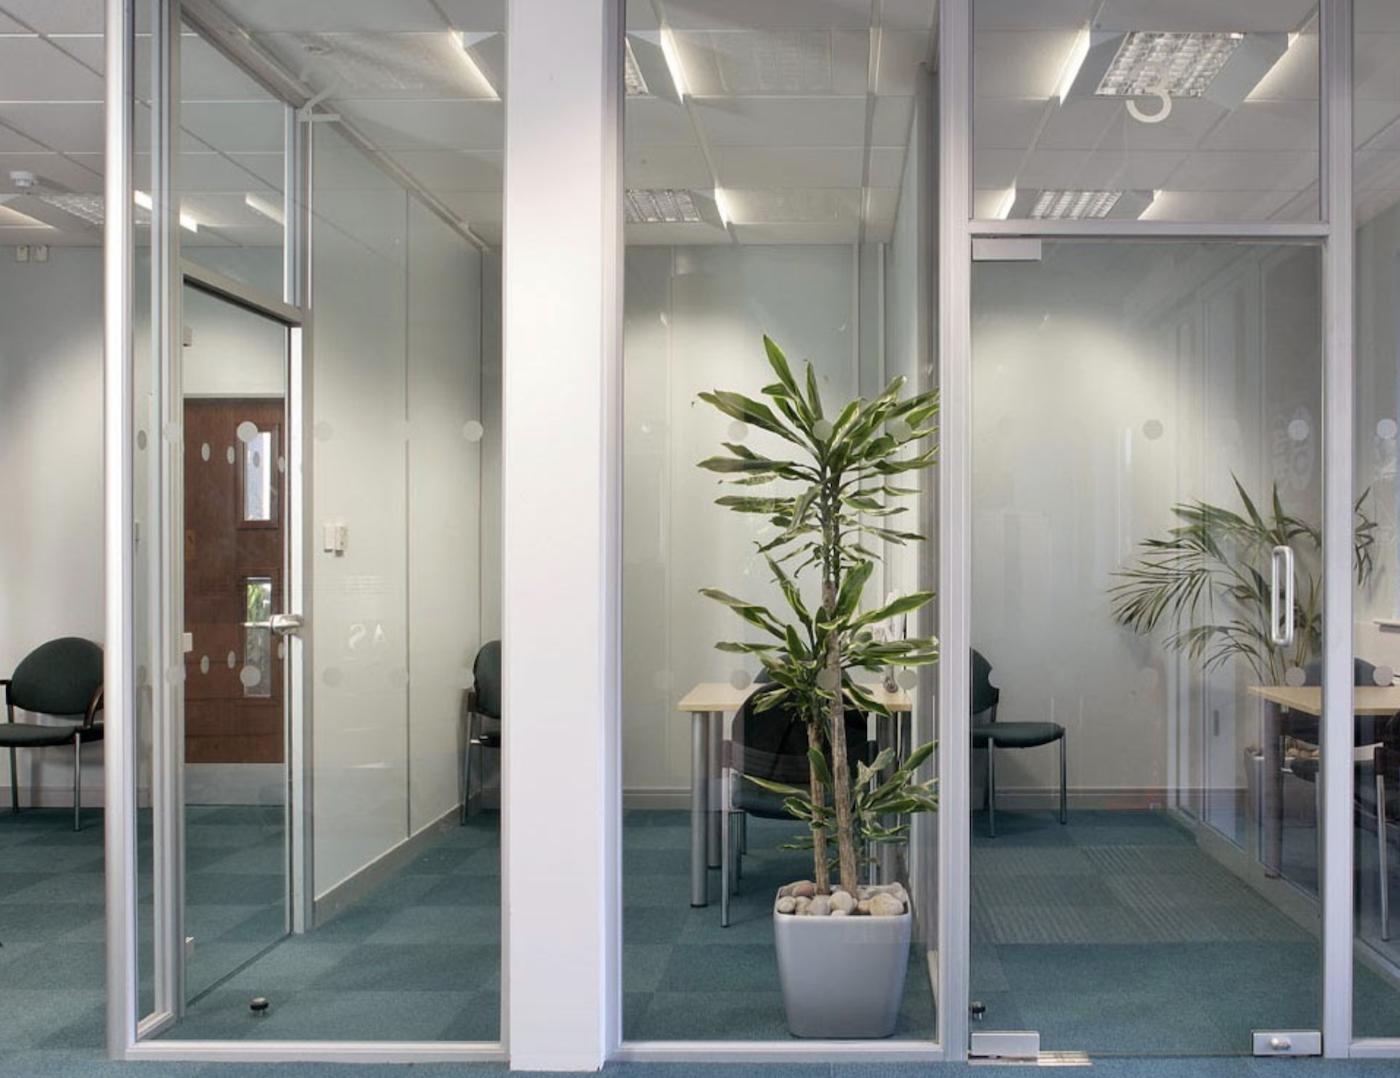 Pivot frameless swing doors create a beautiful office door design